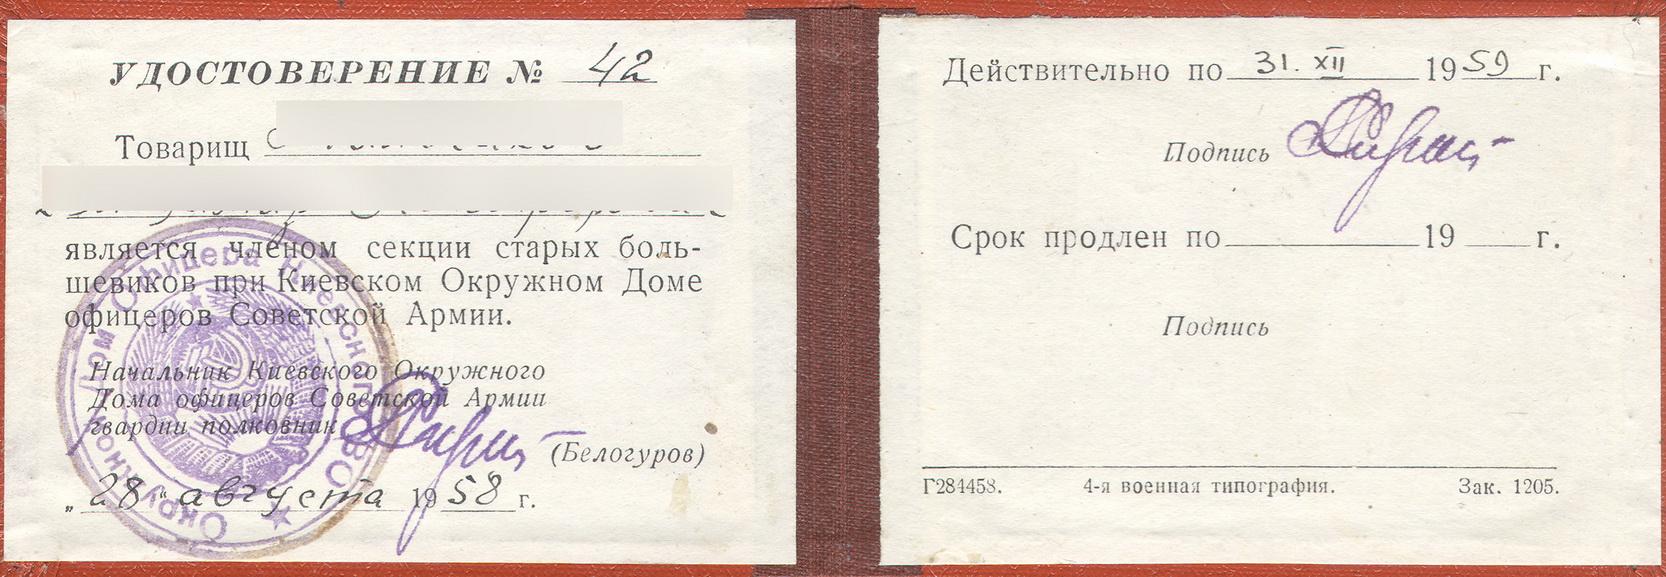 Udost-Star-Bolsh-02_resize